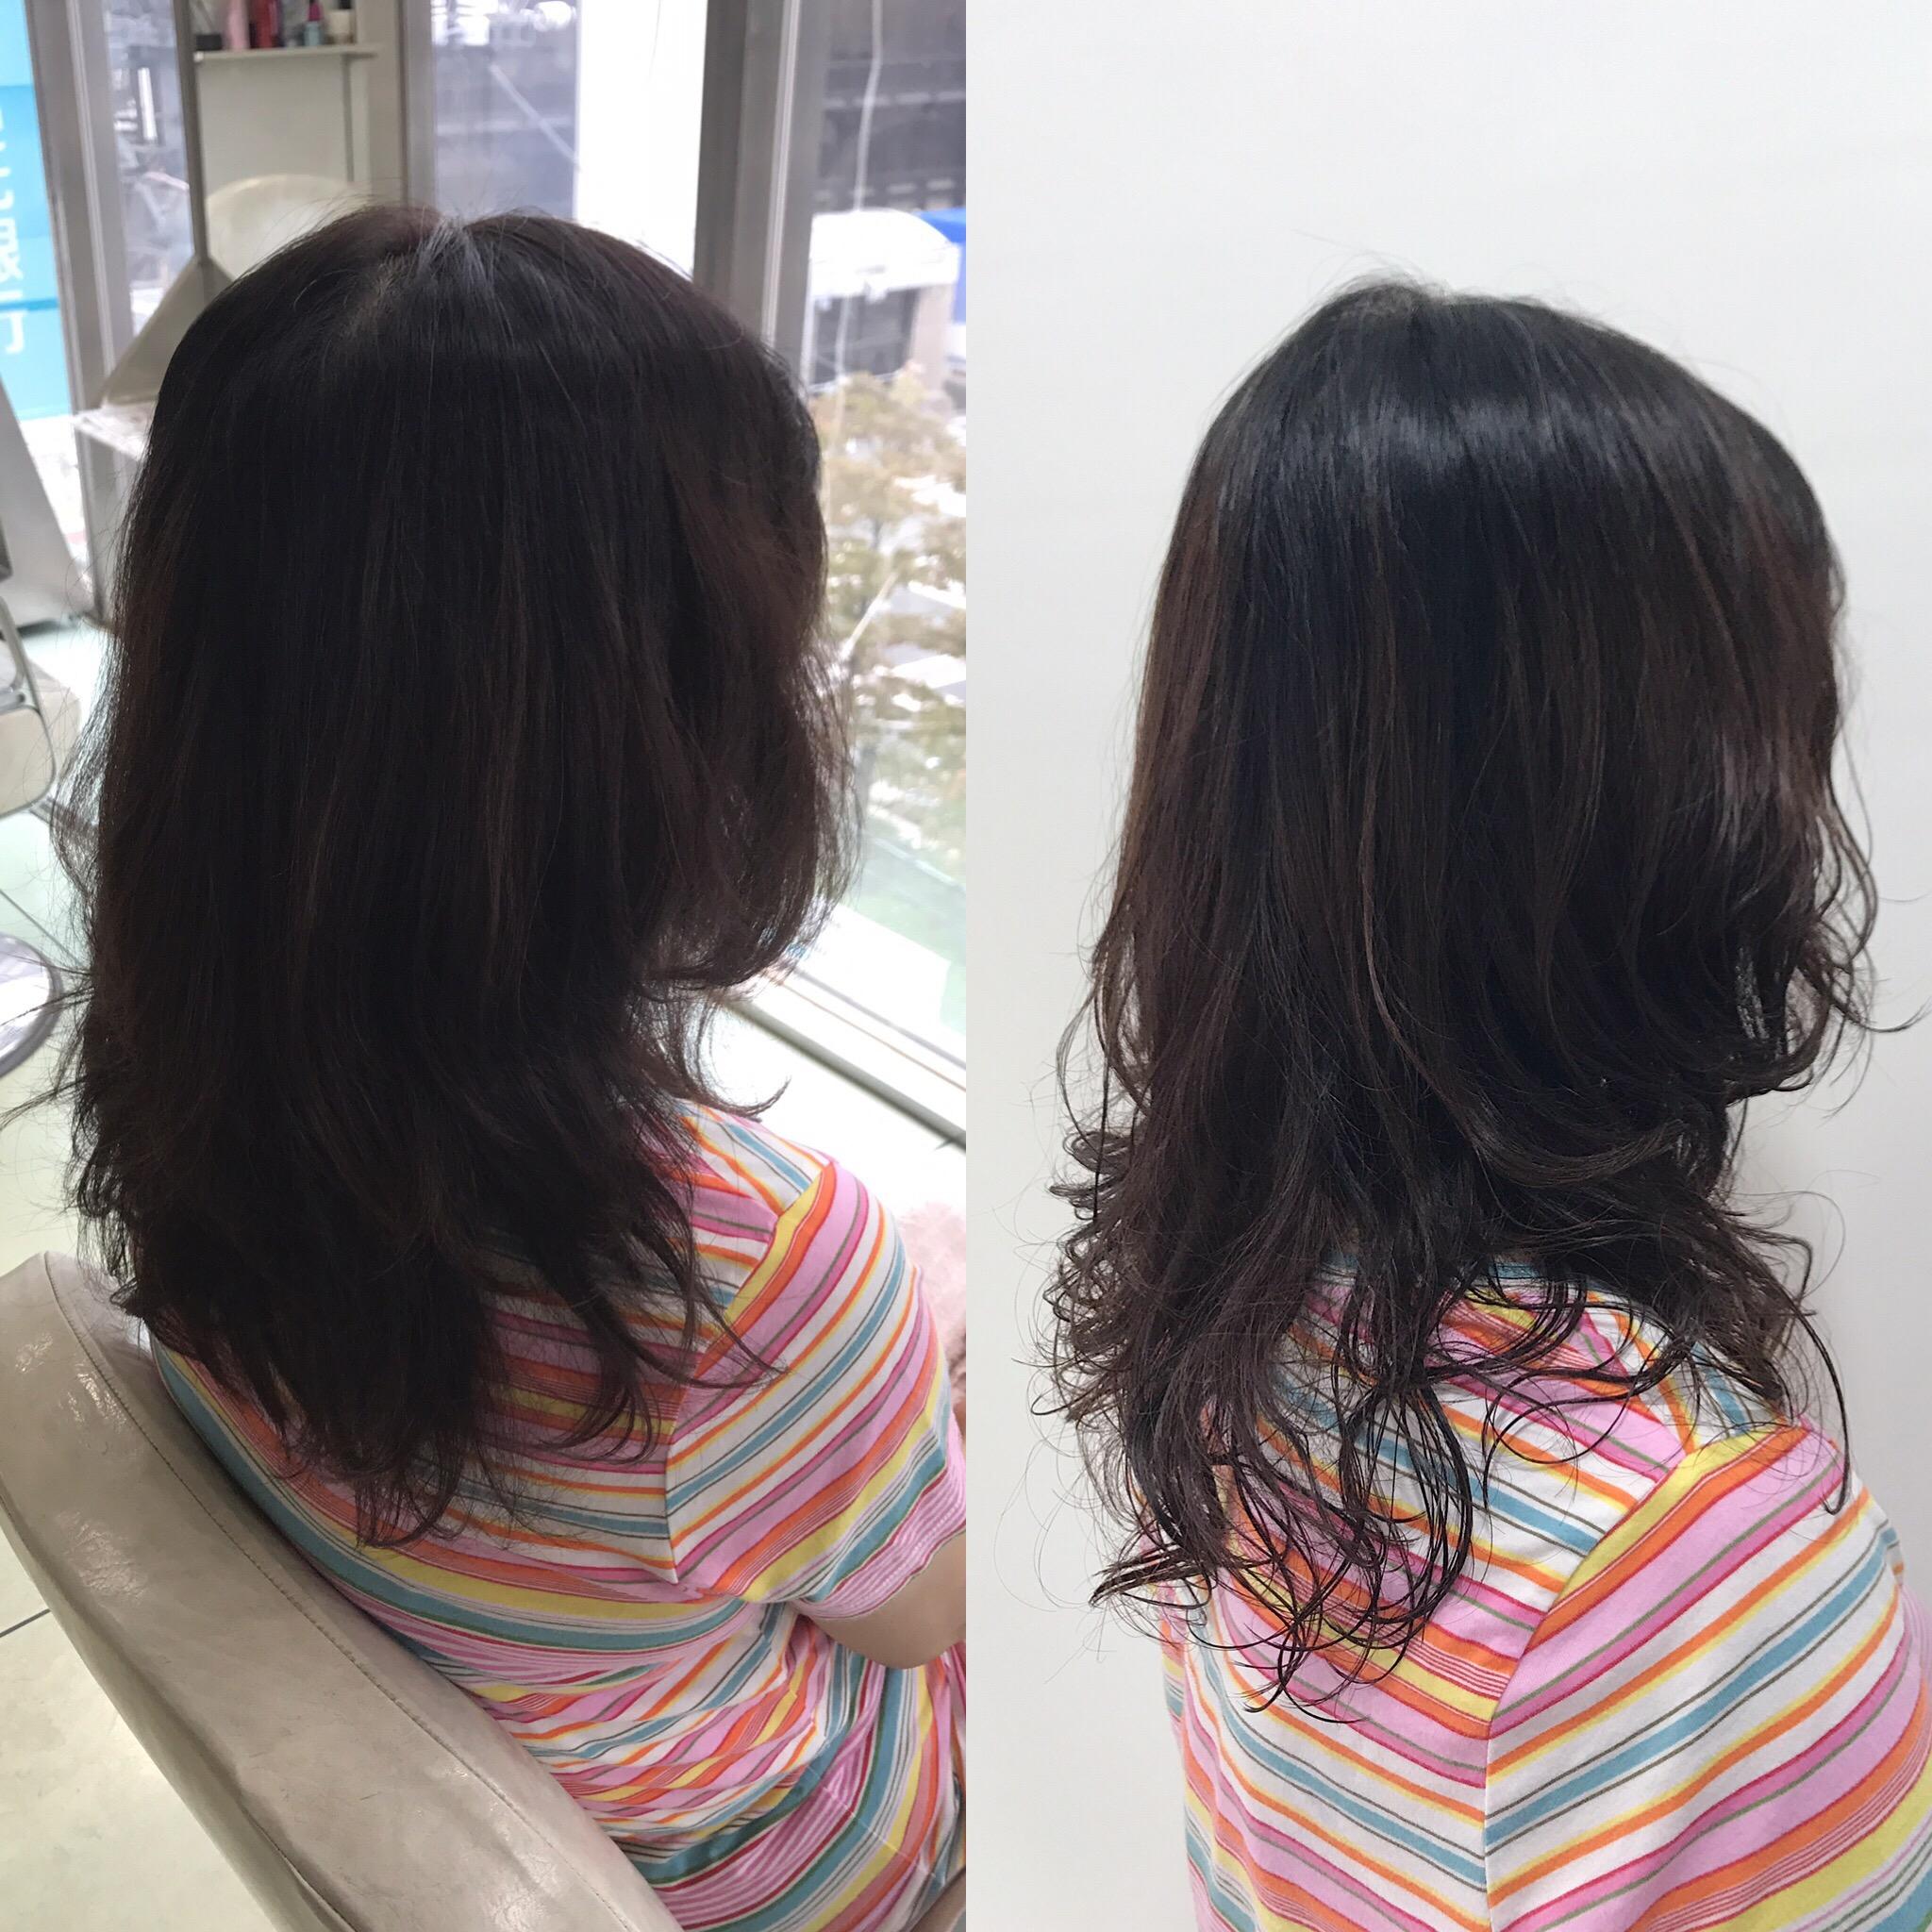 パーマスタイルのメンテナンス。ホームケアとサロンケアは【髪と季節の変化】に合わせて!